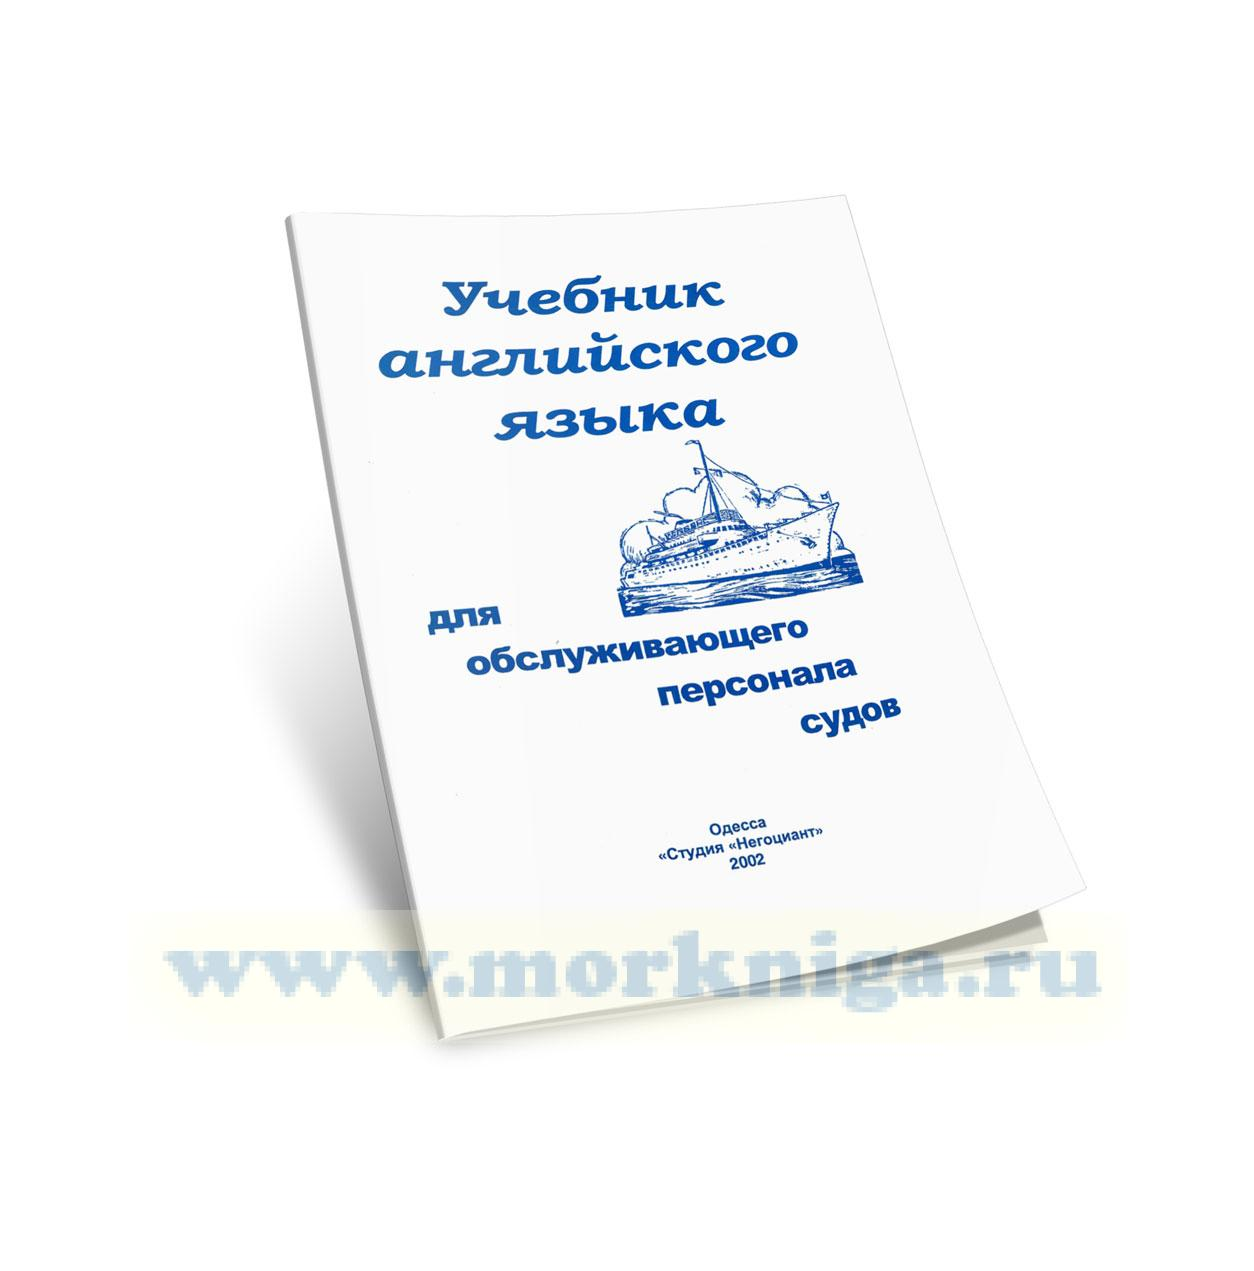 Учебник английского языка для обслуживающего персонала судов